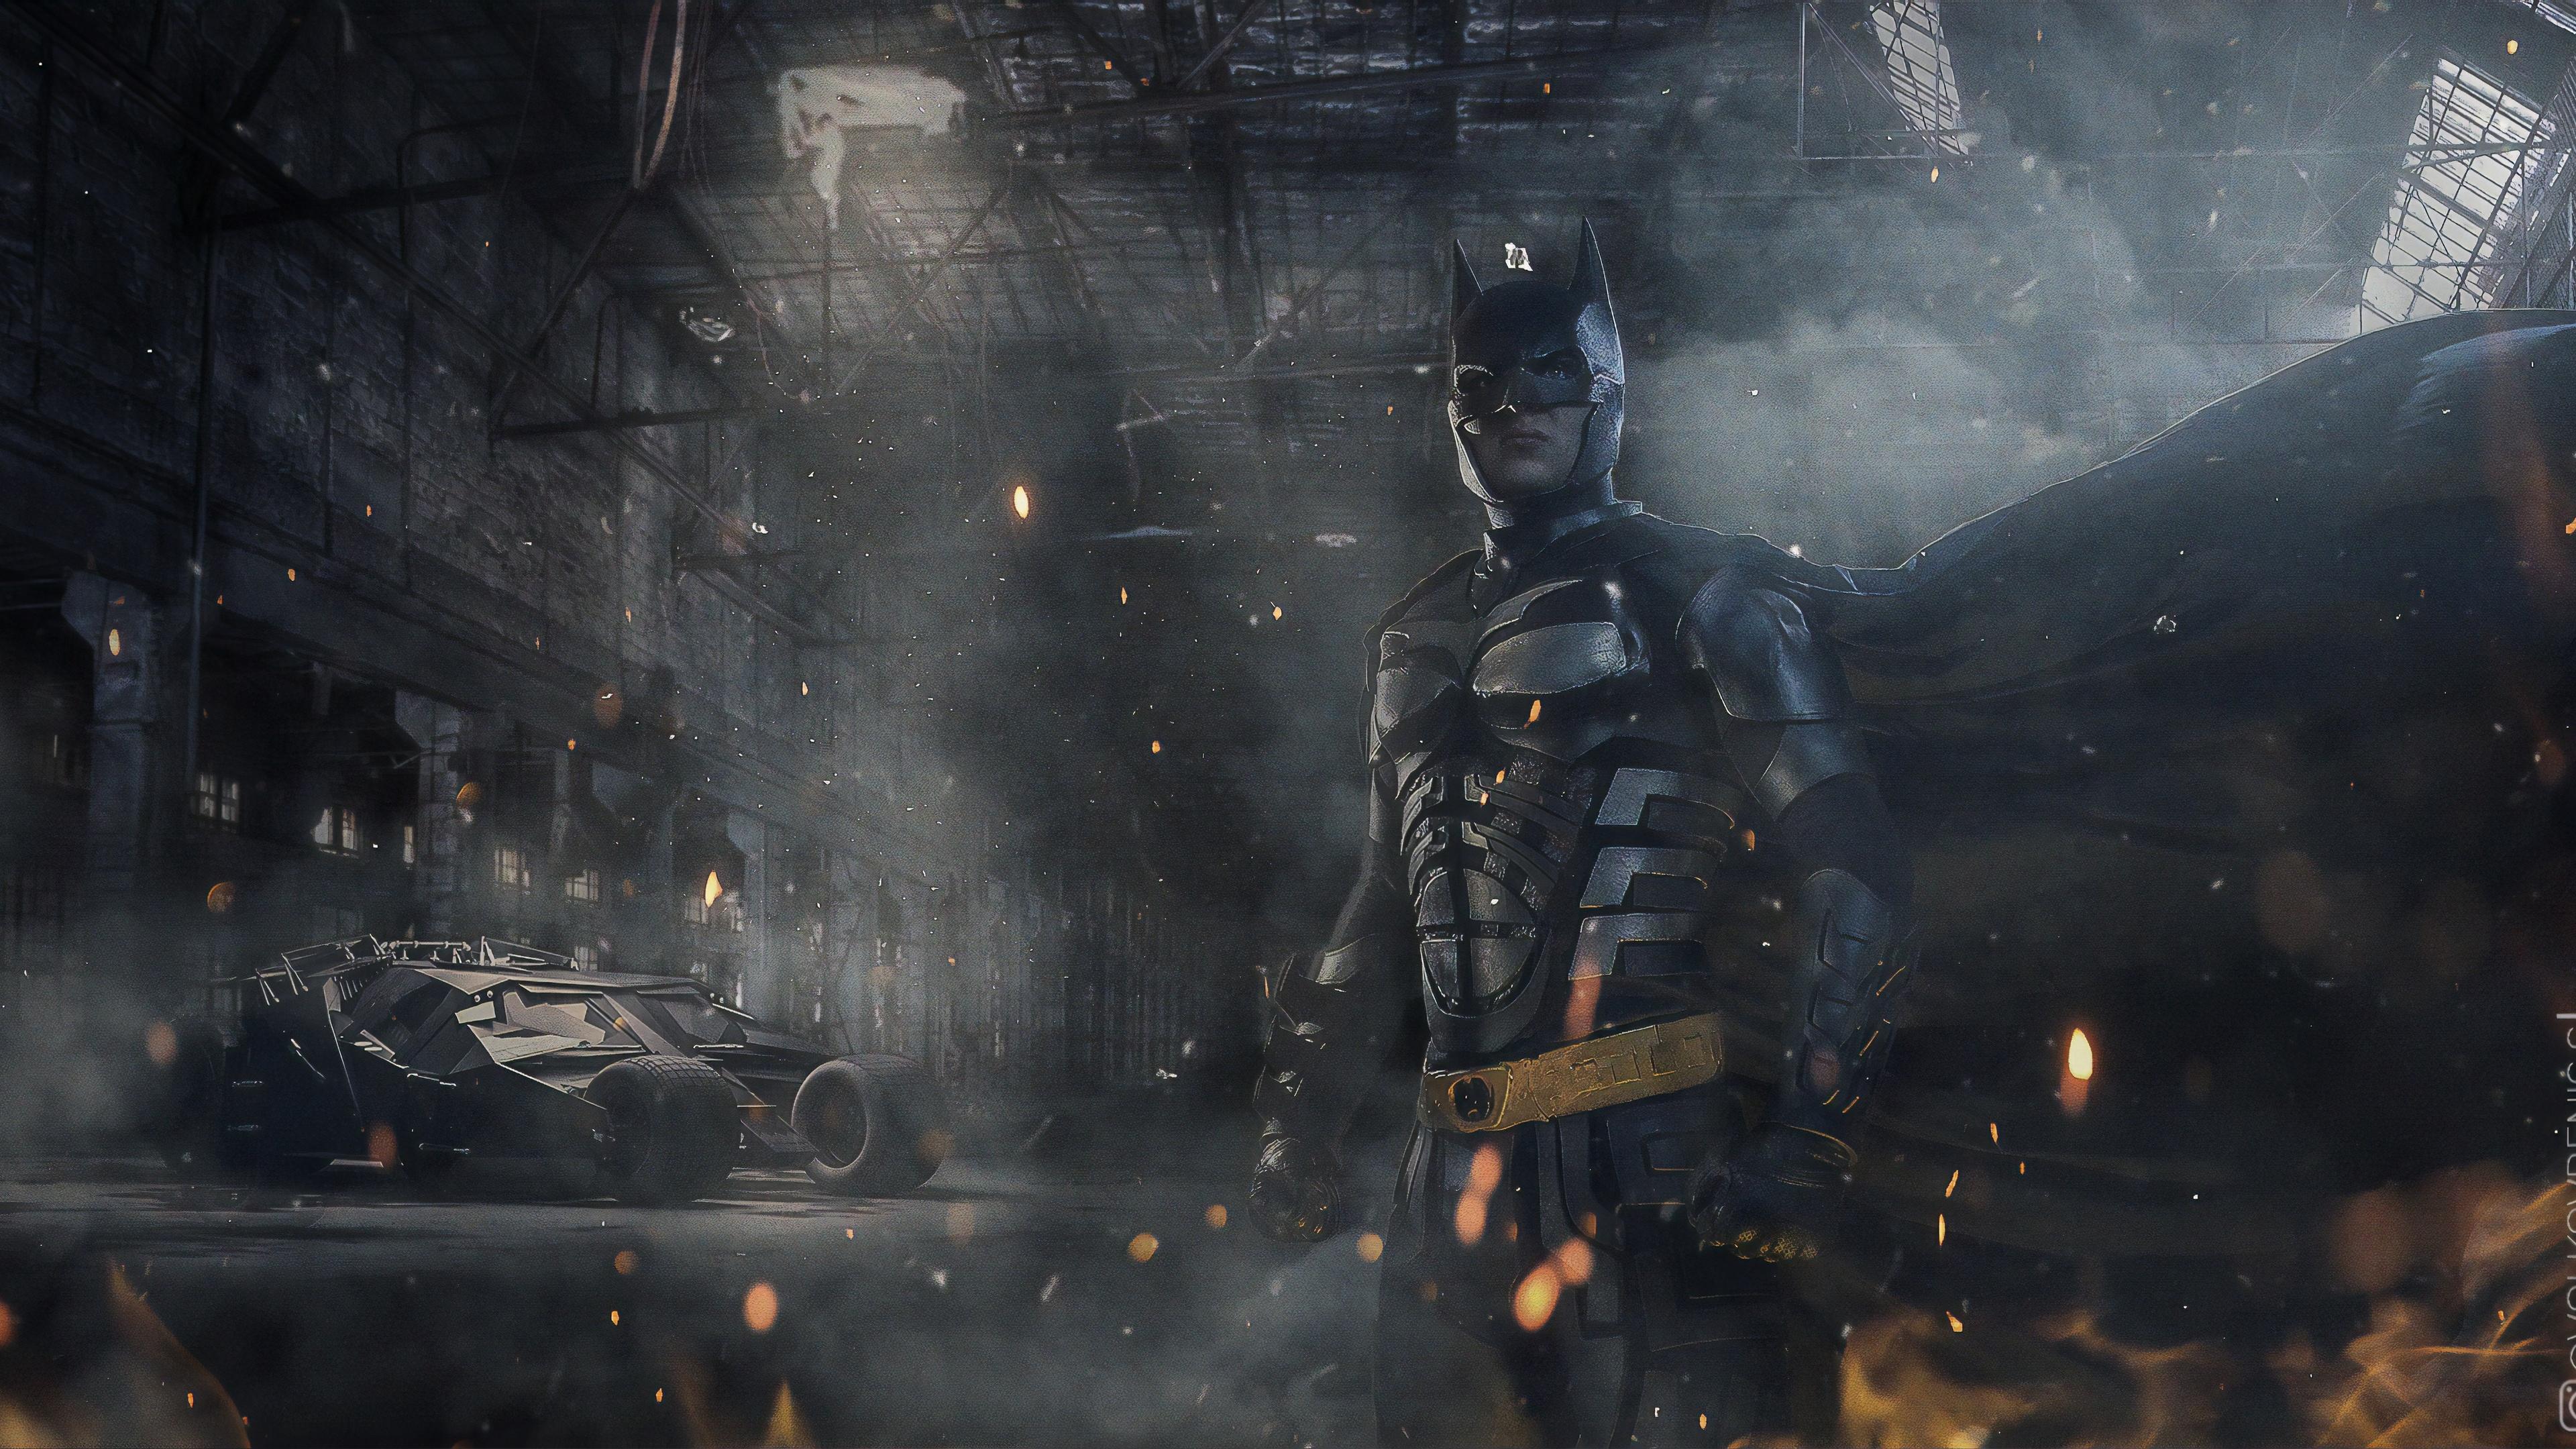 batman with batmobile 4k 1559764224 - Batman With Batmobile 4k - superheroes wallpapers, hd-wallpapers, cosplay wallpapers, behance wallpapers, batman wallpapers, 4k-wallpapers